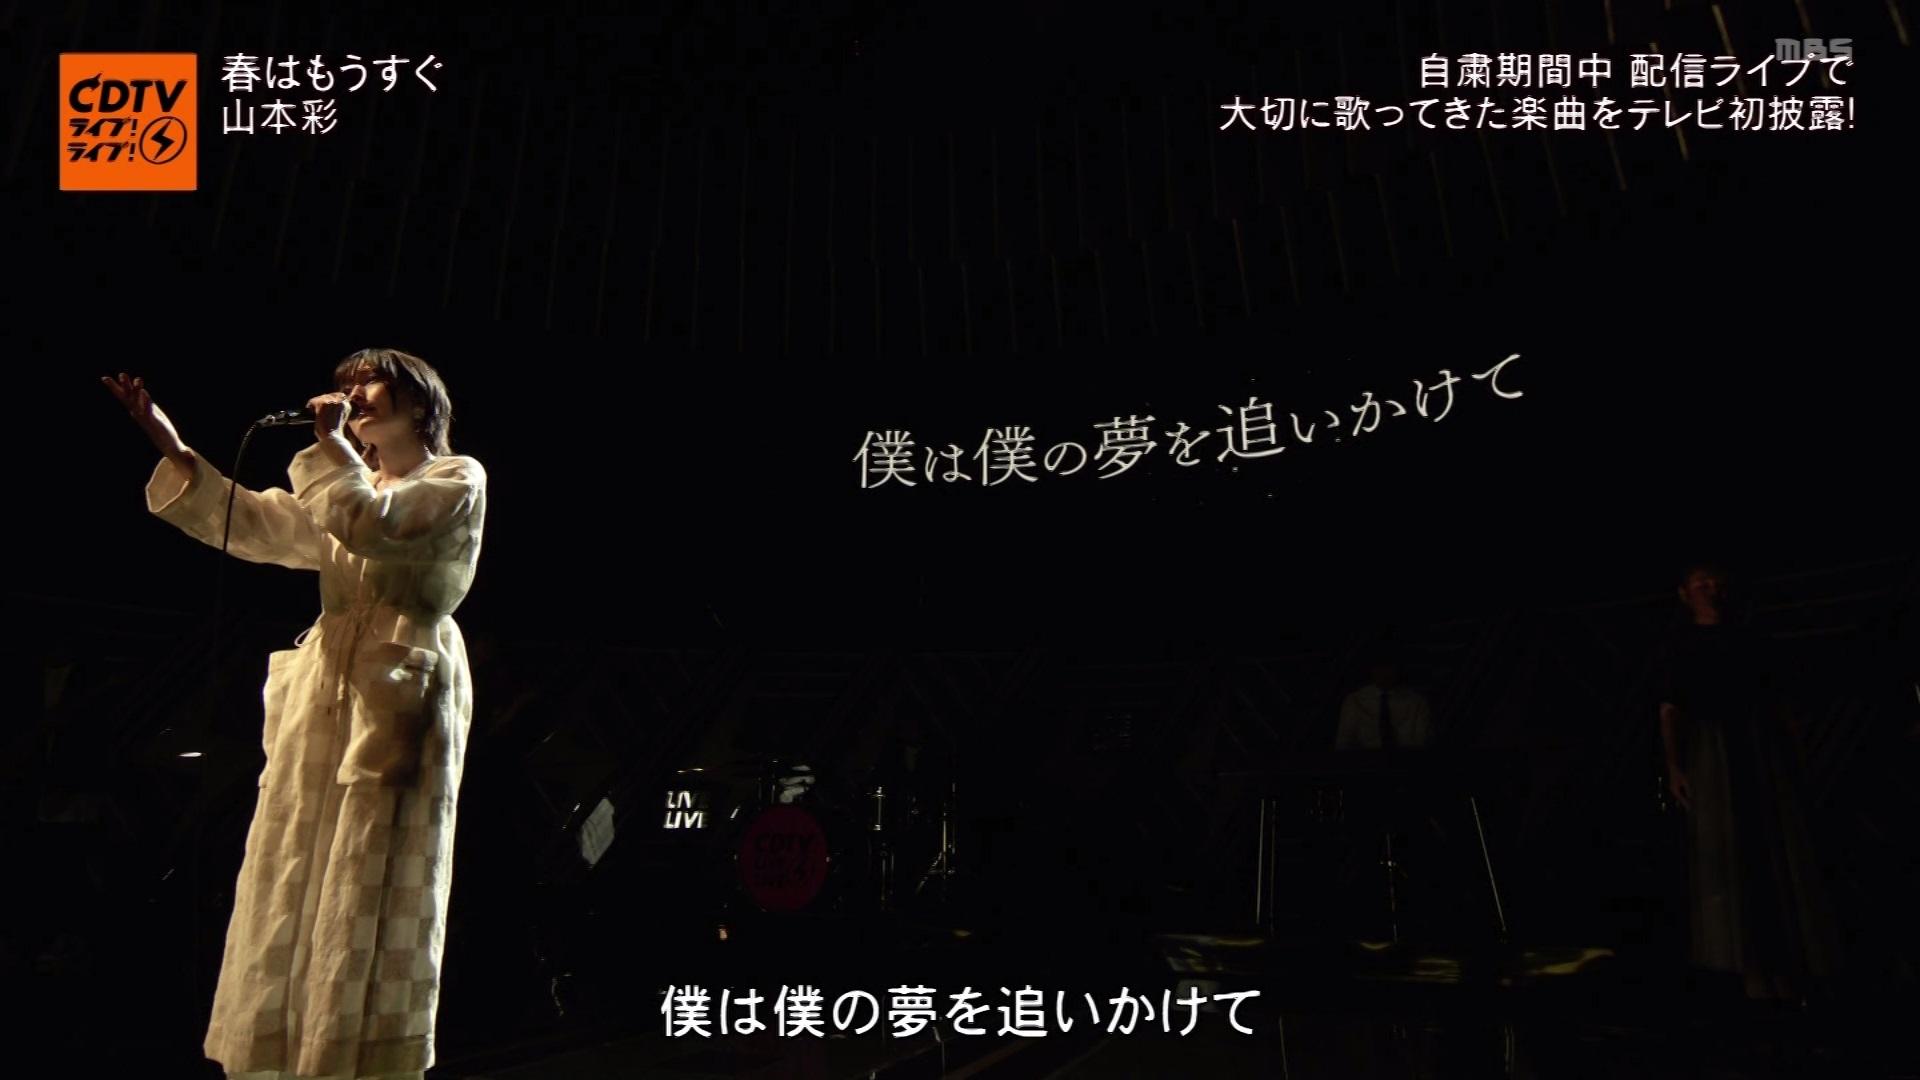 【山本彩】さや姉出演 6月15日放送『CDTVライブ!ライブ!』の画像